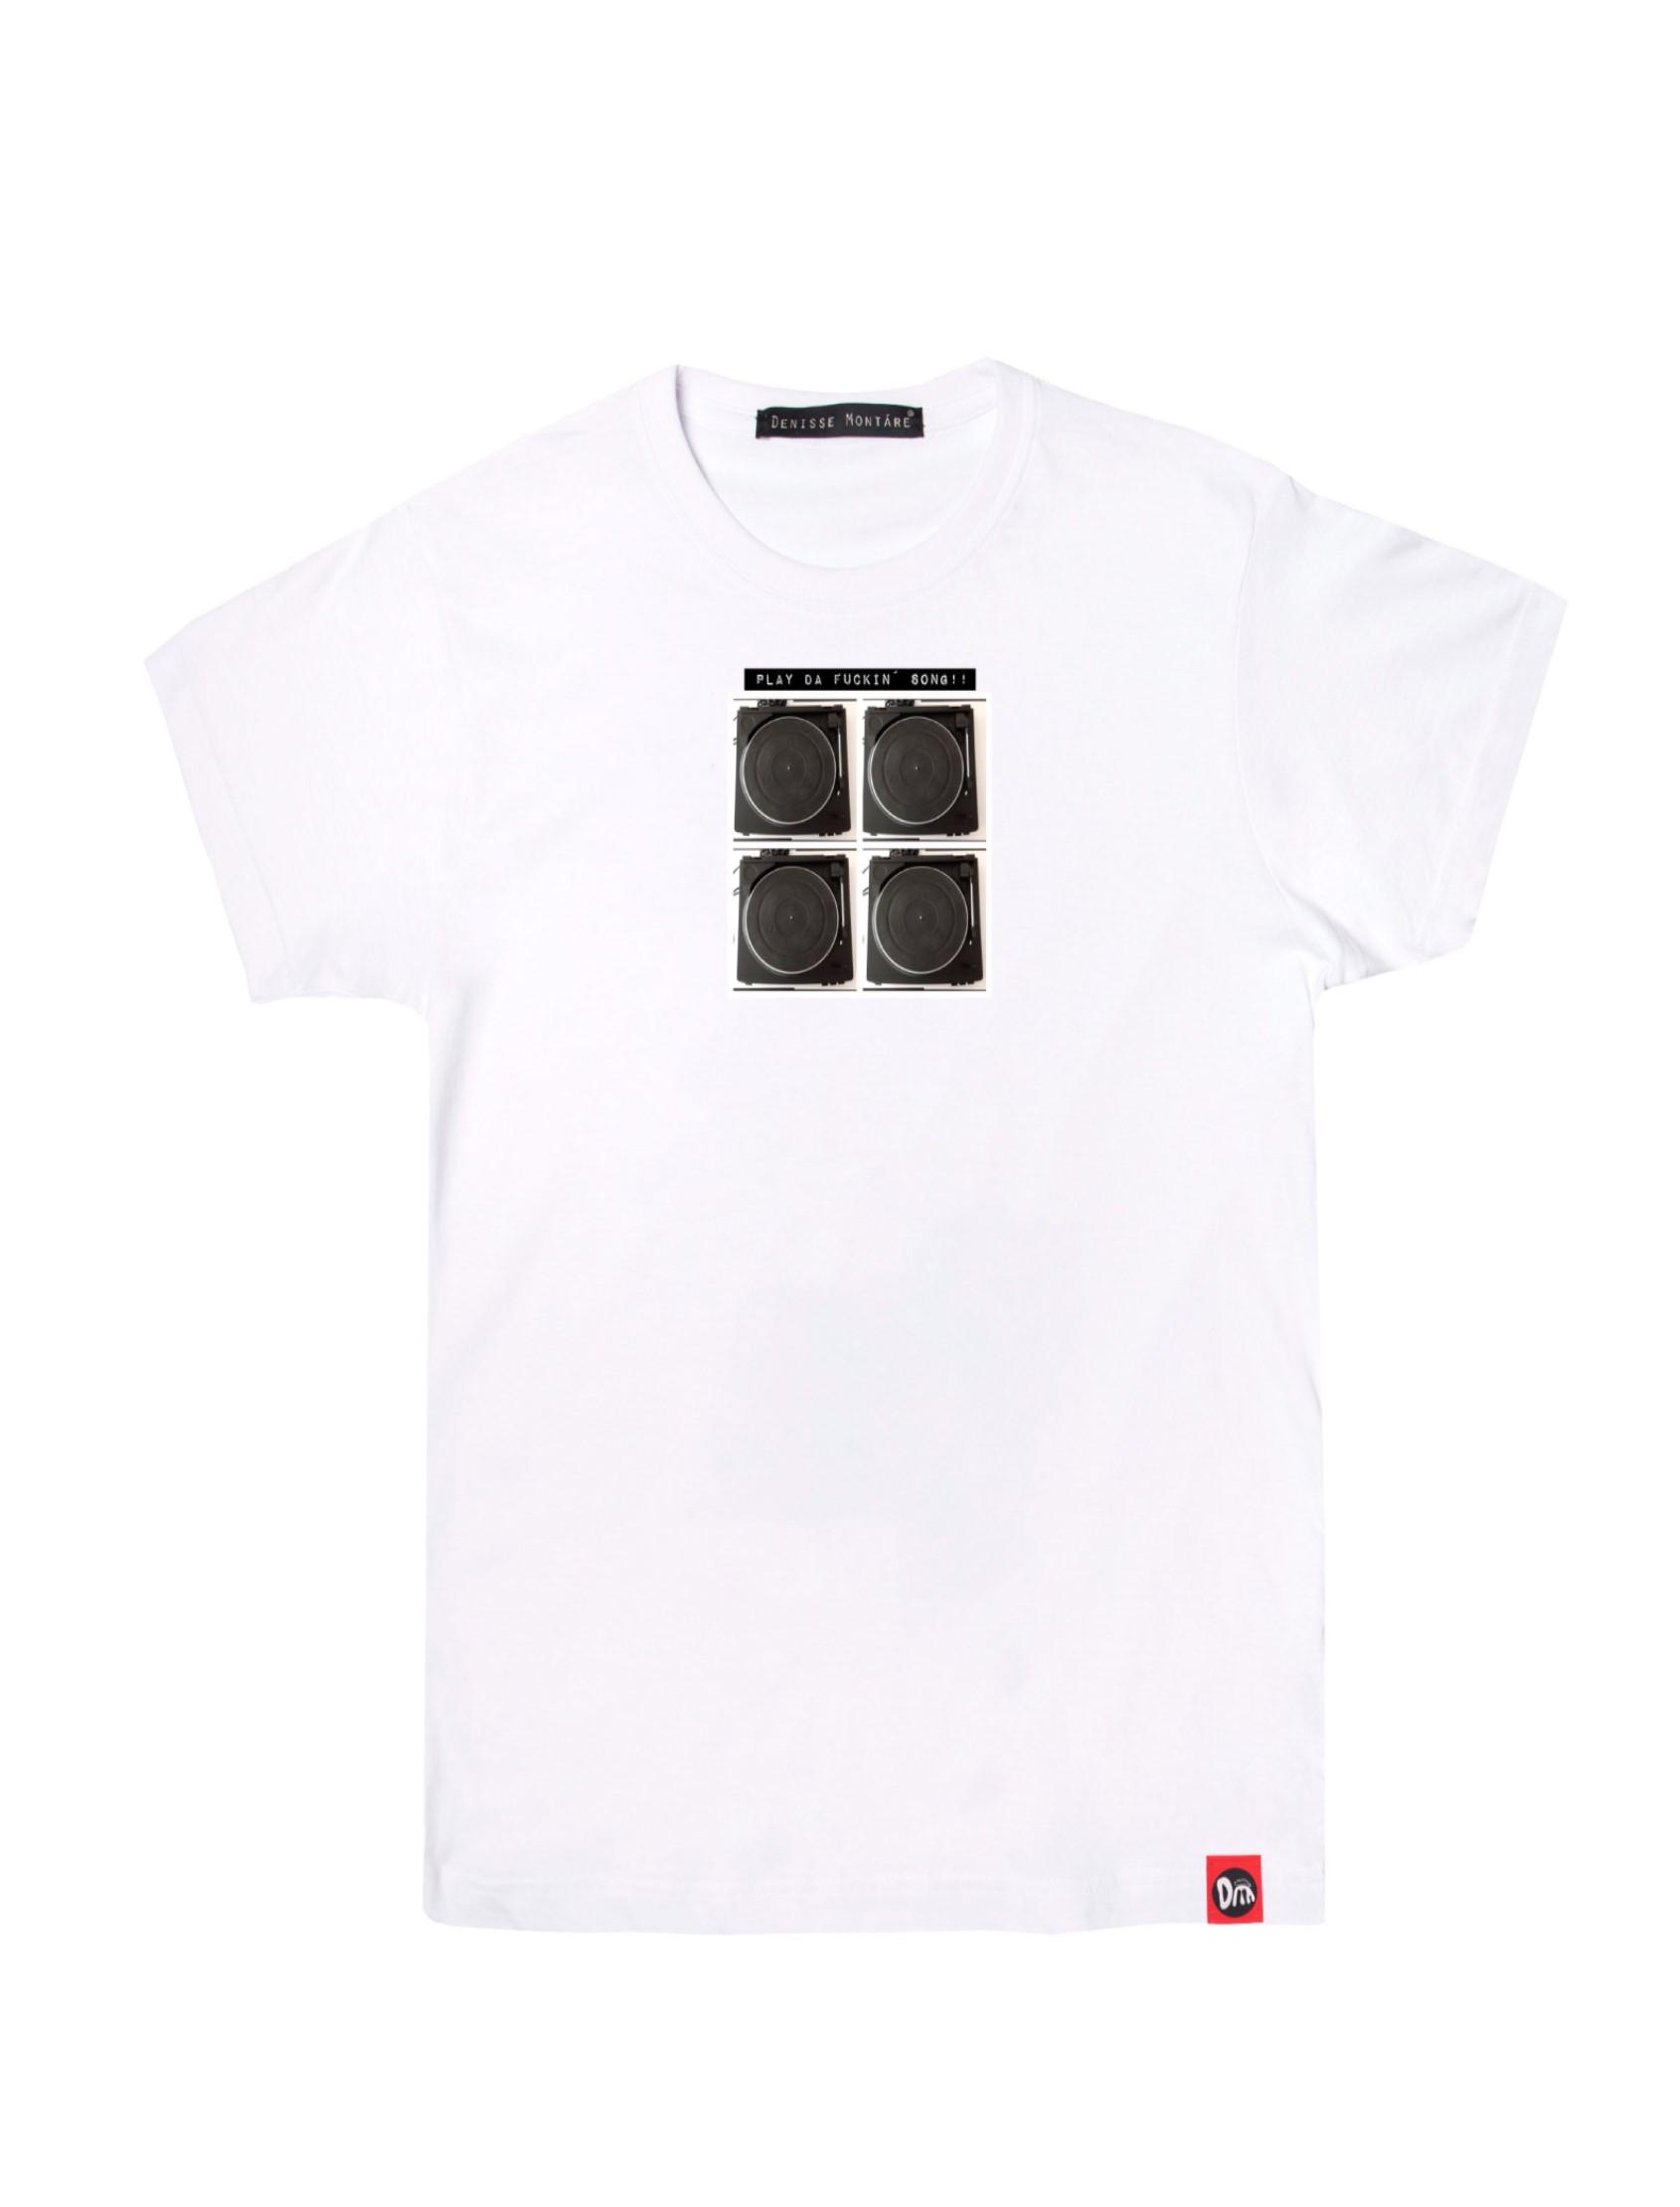 camisetaPLAYDAFUCKINGSON_01